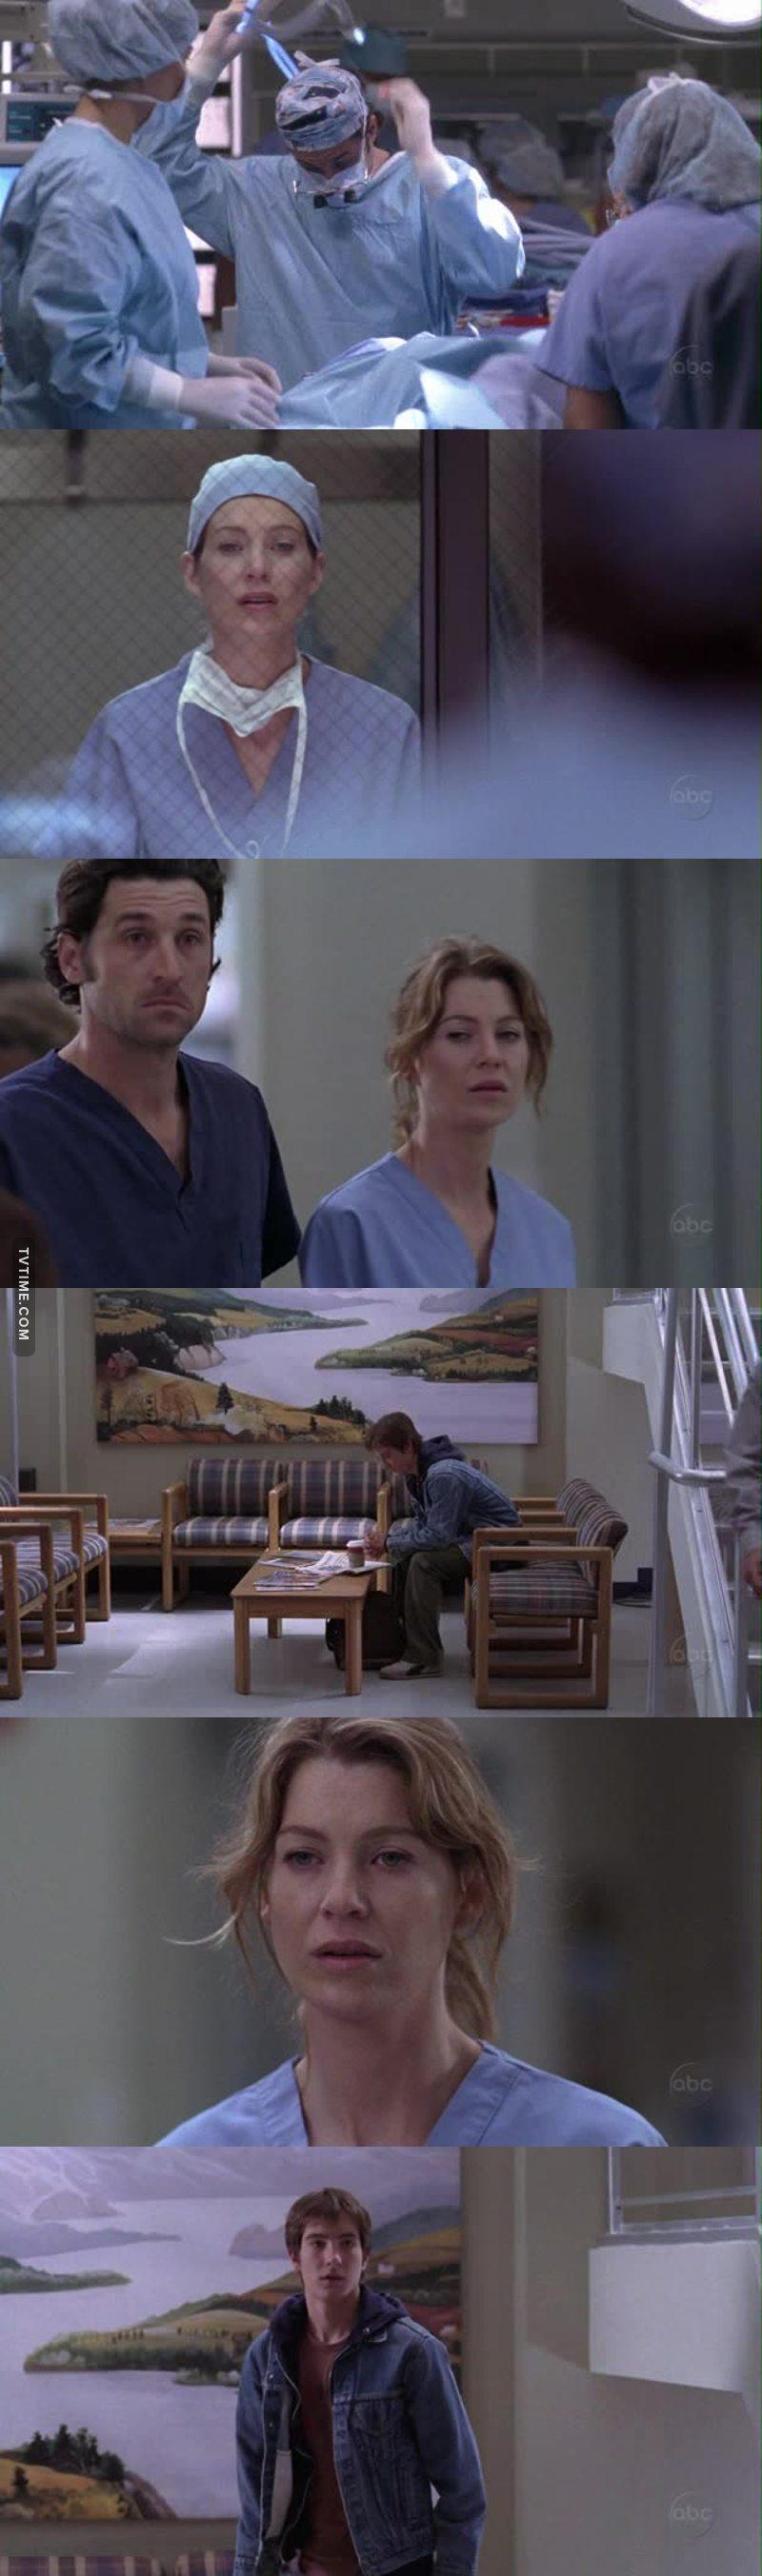 essa cena foi muito triste